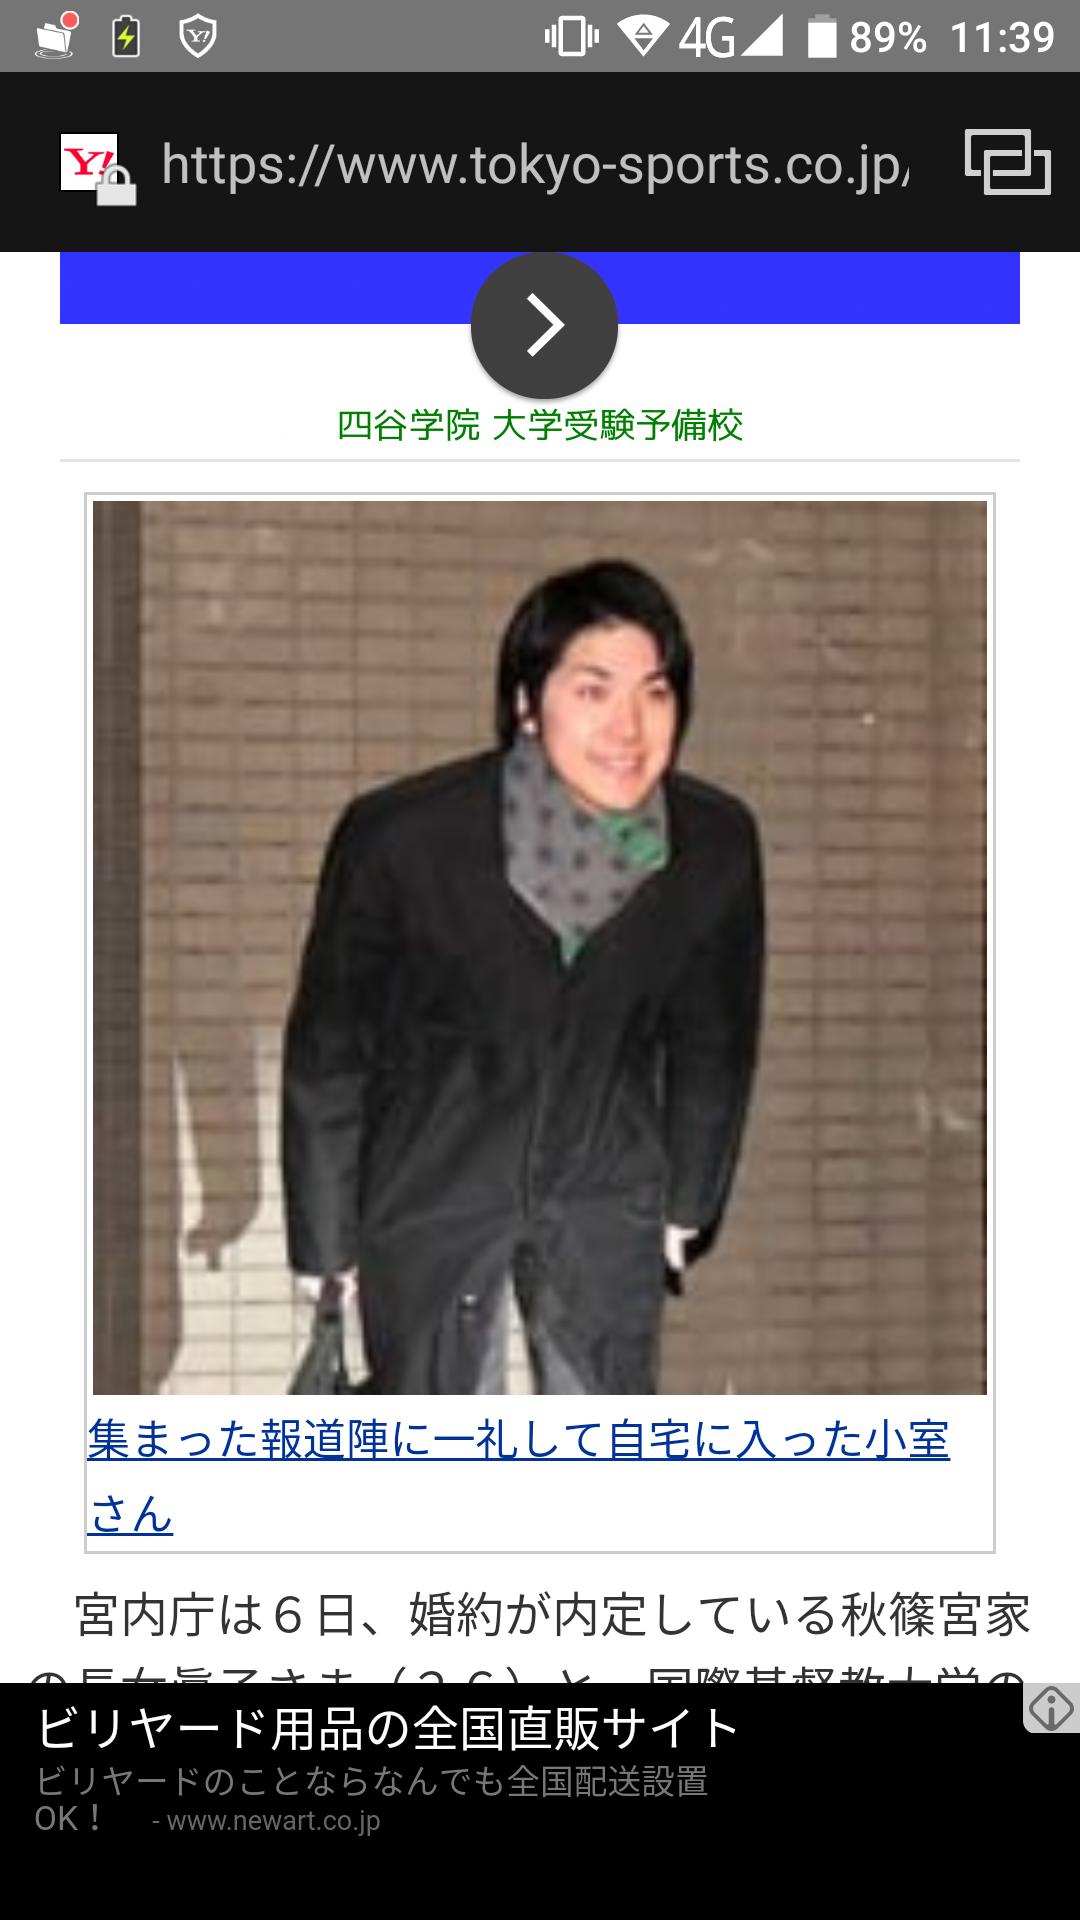 【眞子さま結婚延期】NHKに「公共放送が皇室に恥かかせた」「計画狂わせた」との声も